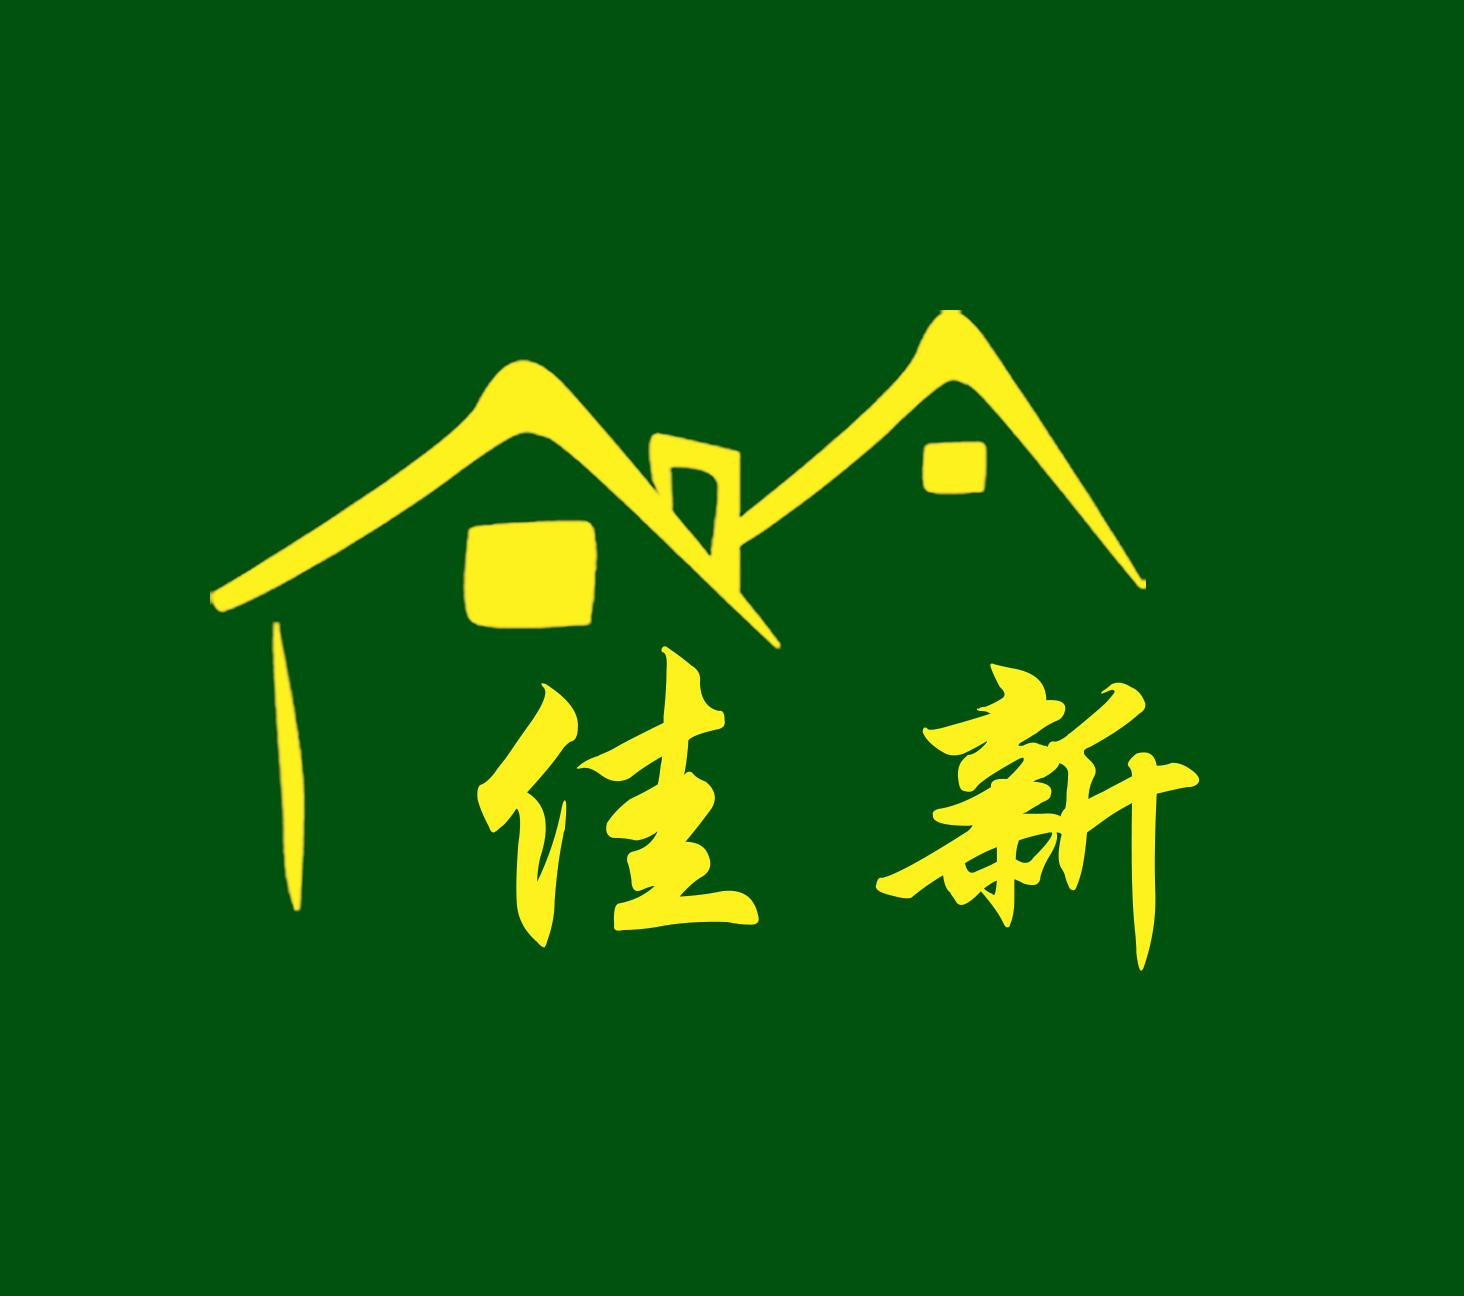 logo 标识 标志 设计 矢量 矢量图 素材 图标 1464_1296